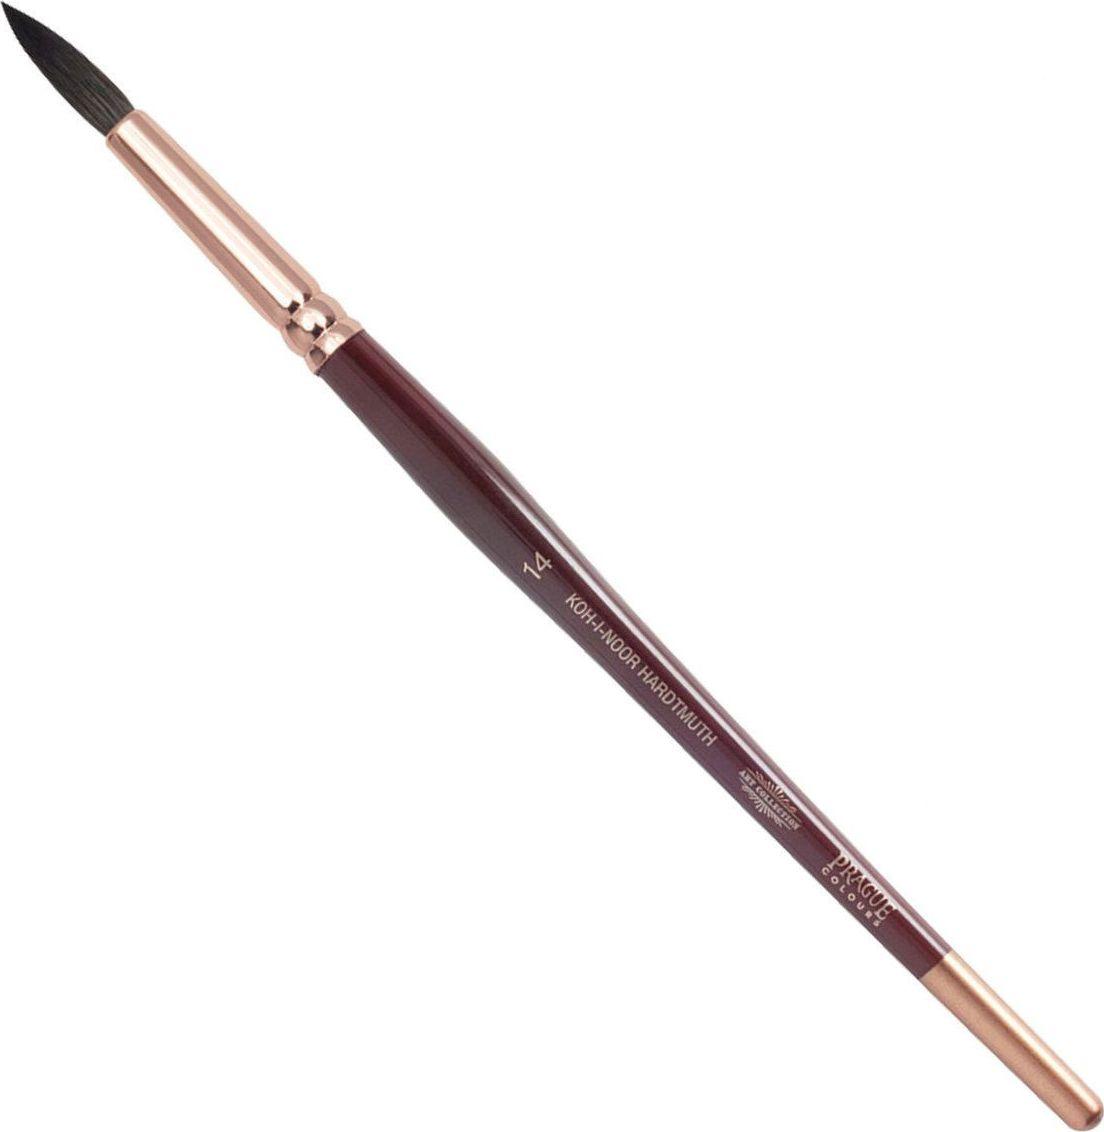 Koh-I-Noor Кисть белка круглая №14 короткая ручка -  Кисти